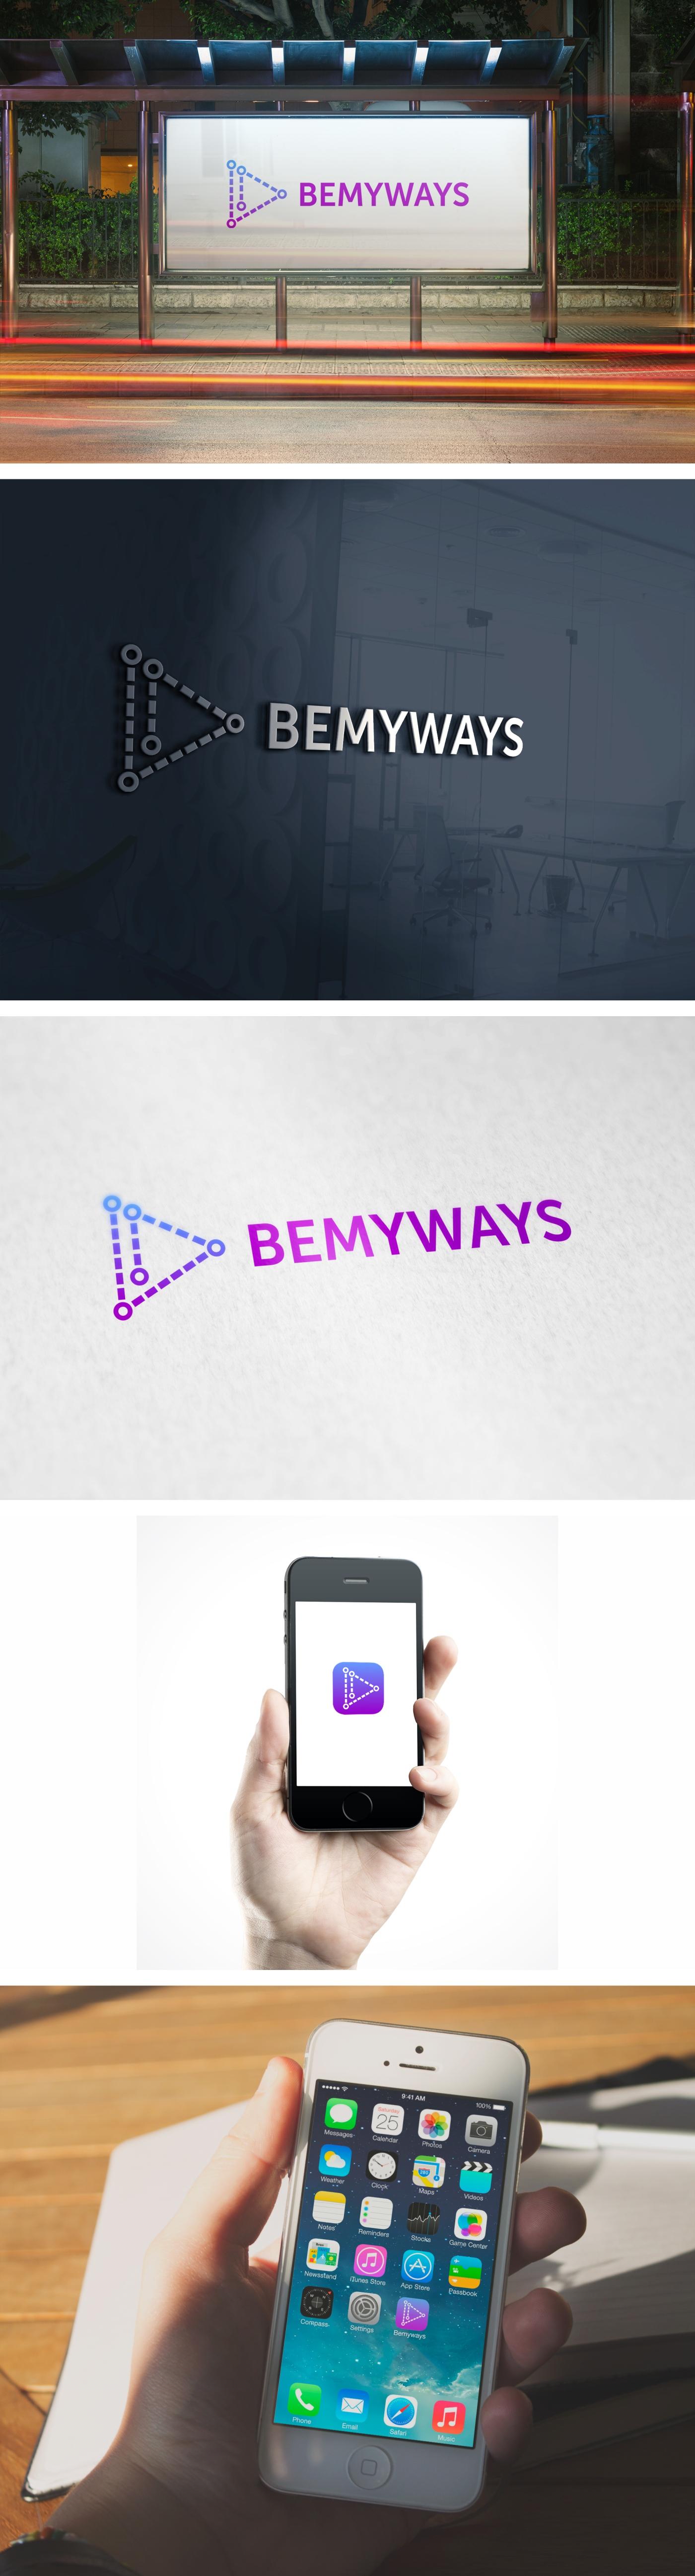 Разработка логотипа и иконки для Travel Video Platform фото f_3425c3c2df3e781c.jpg